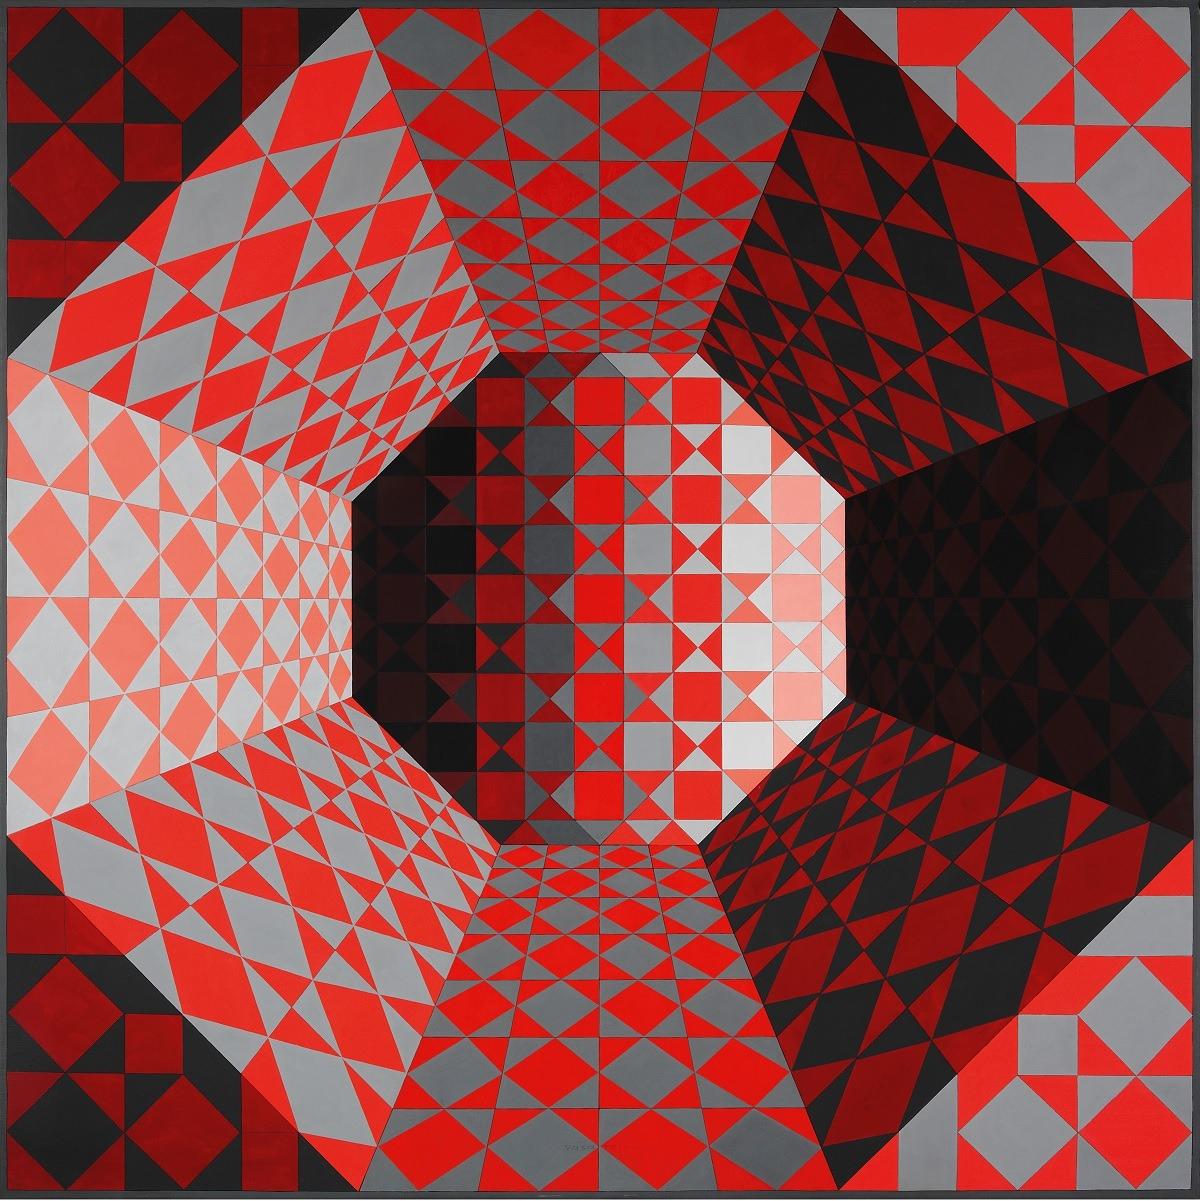 victor-vasarely-Thyssen-op-art-2